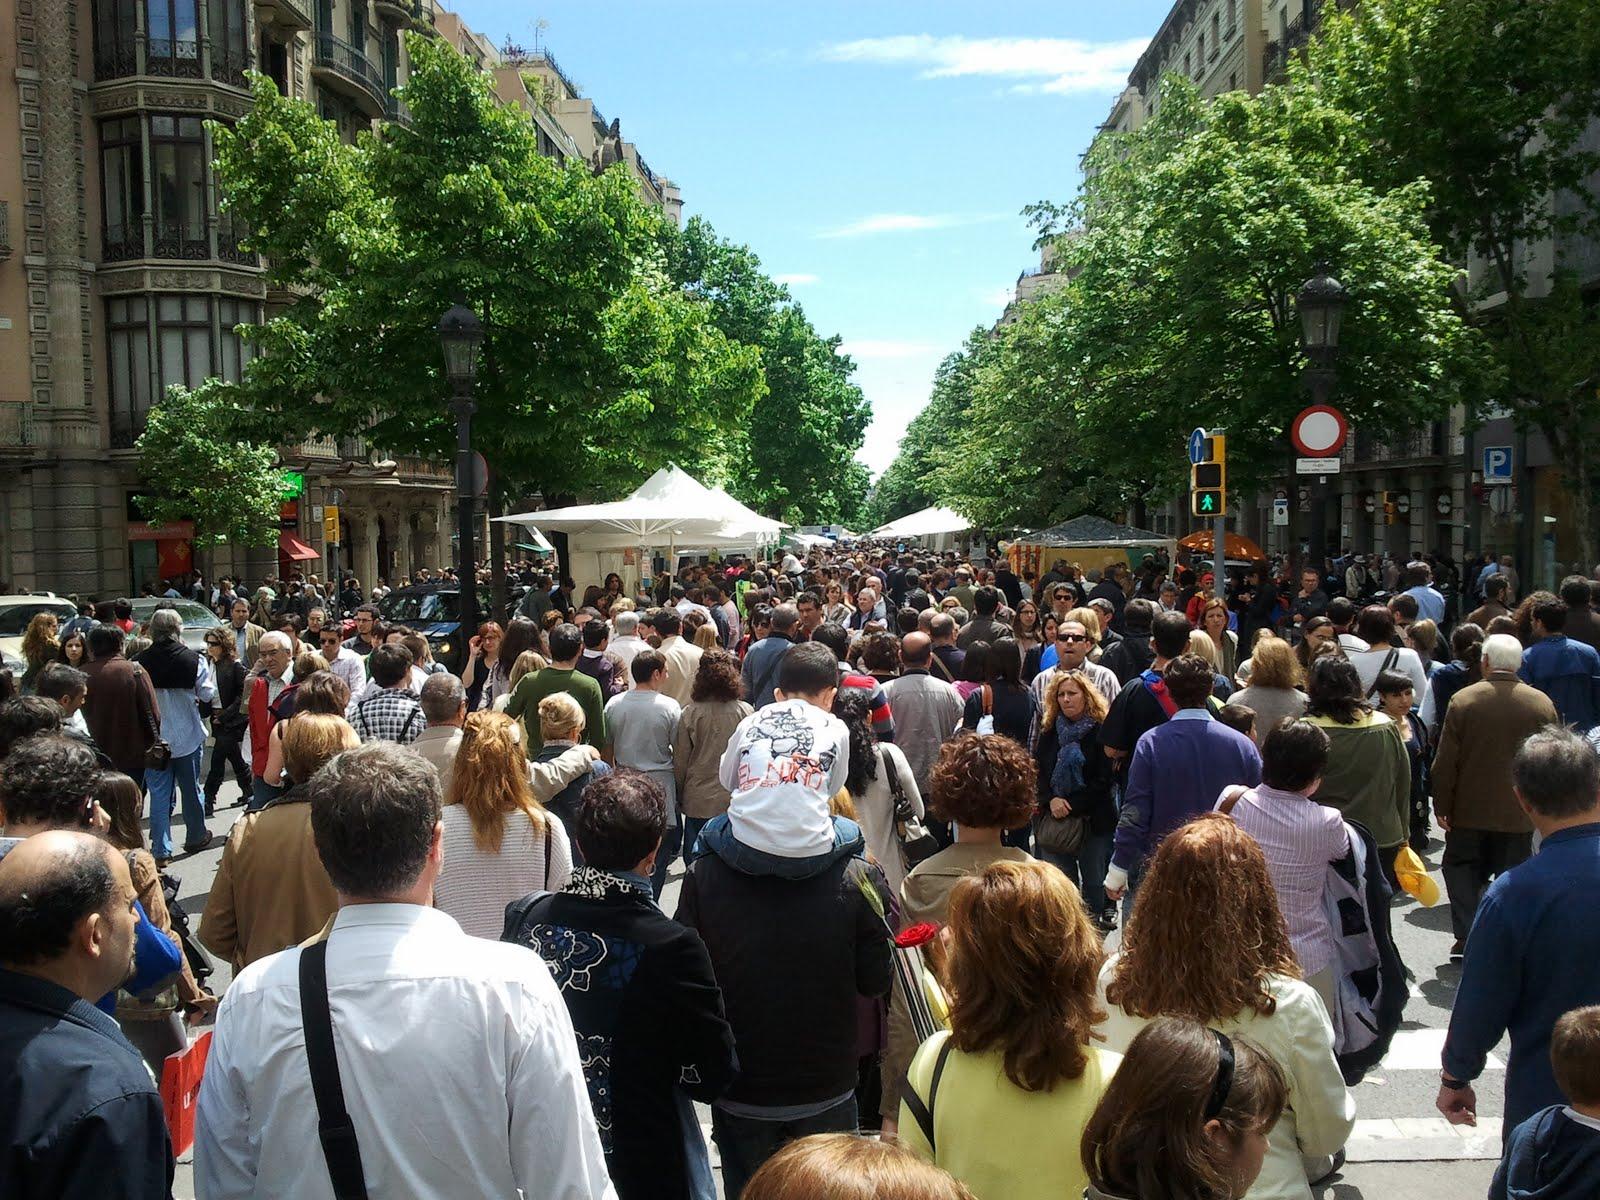 Leemos en casa abril 2011 - Casa del libro barcelona rambla catalunya ...